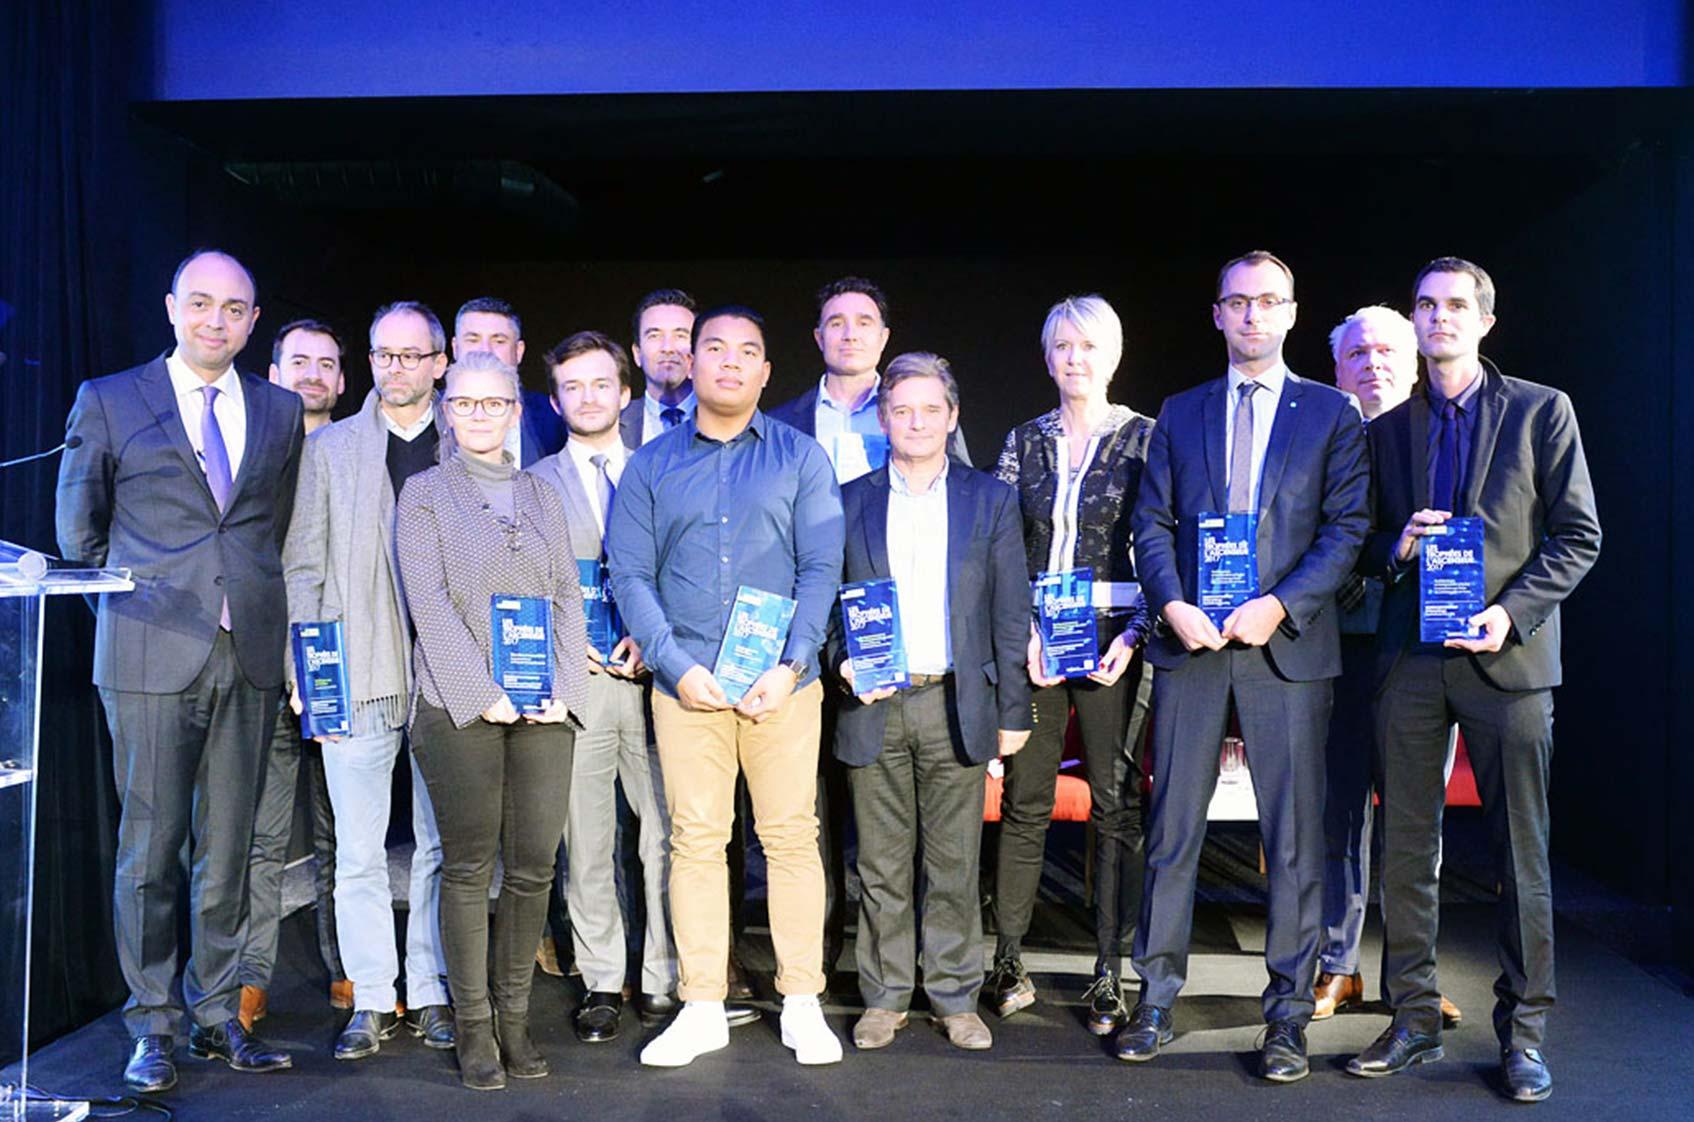 thyssenkrupp reçoit 2 Trophées de l'Ascenseur